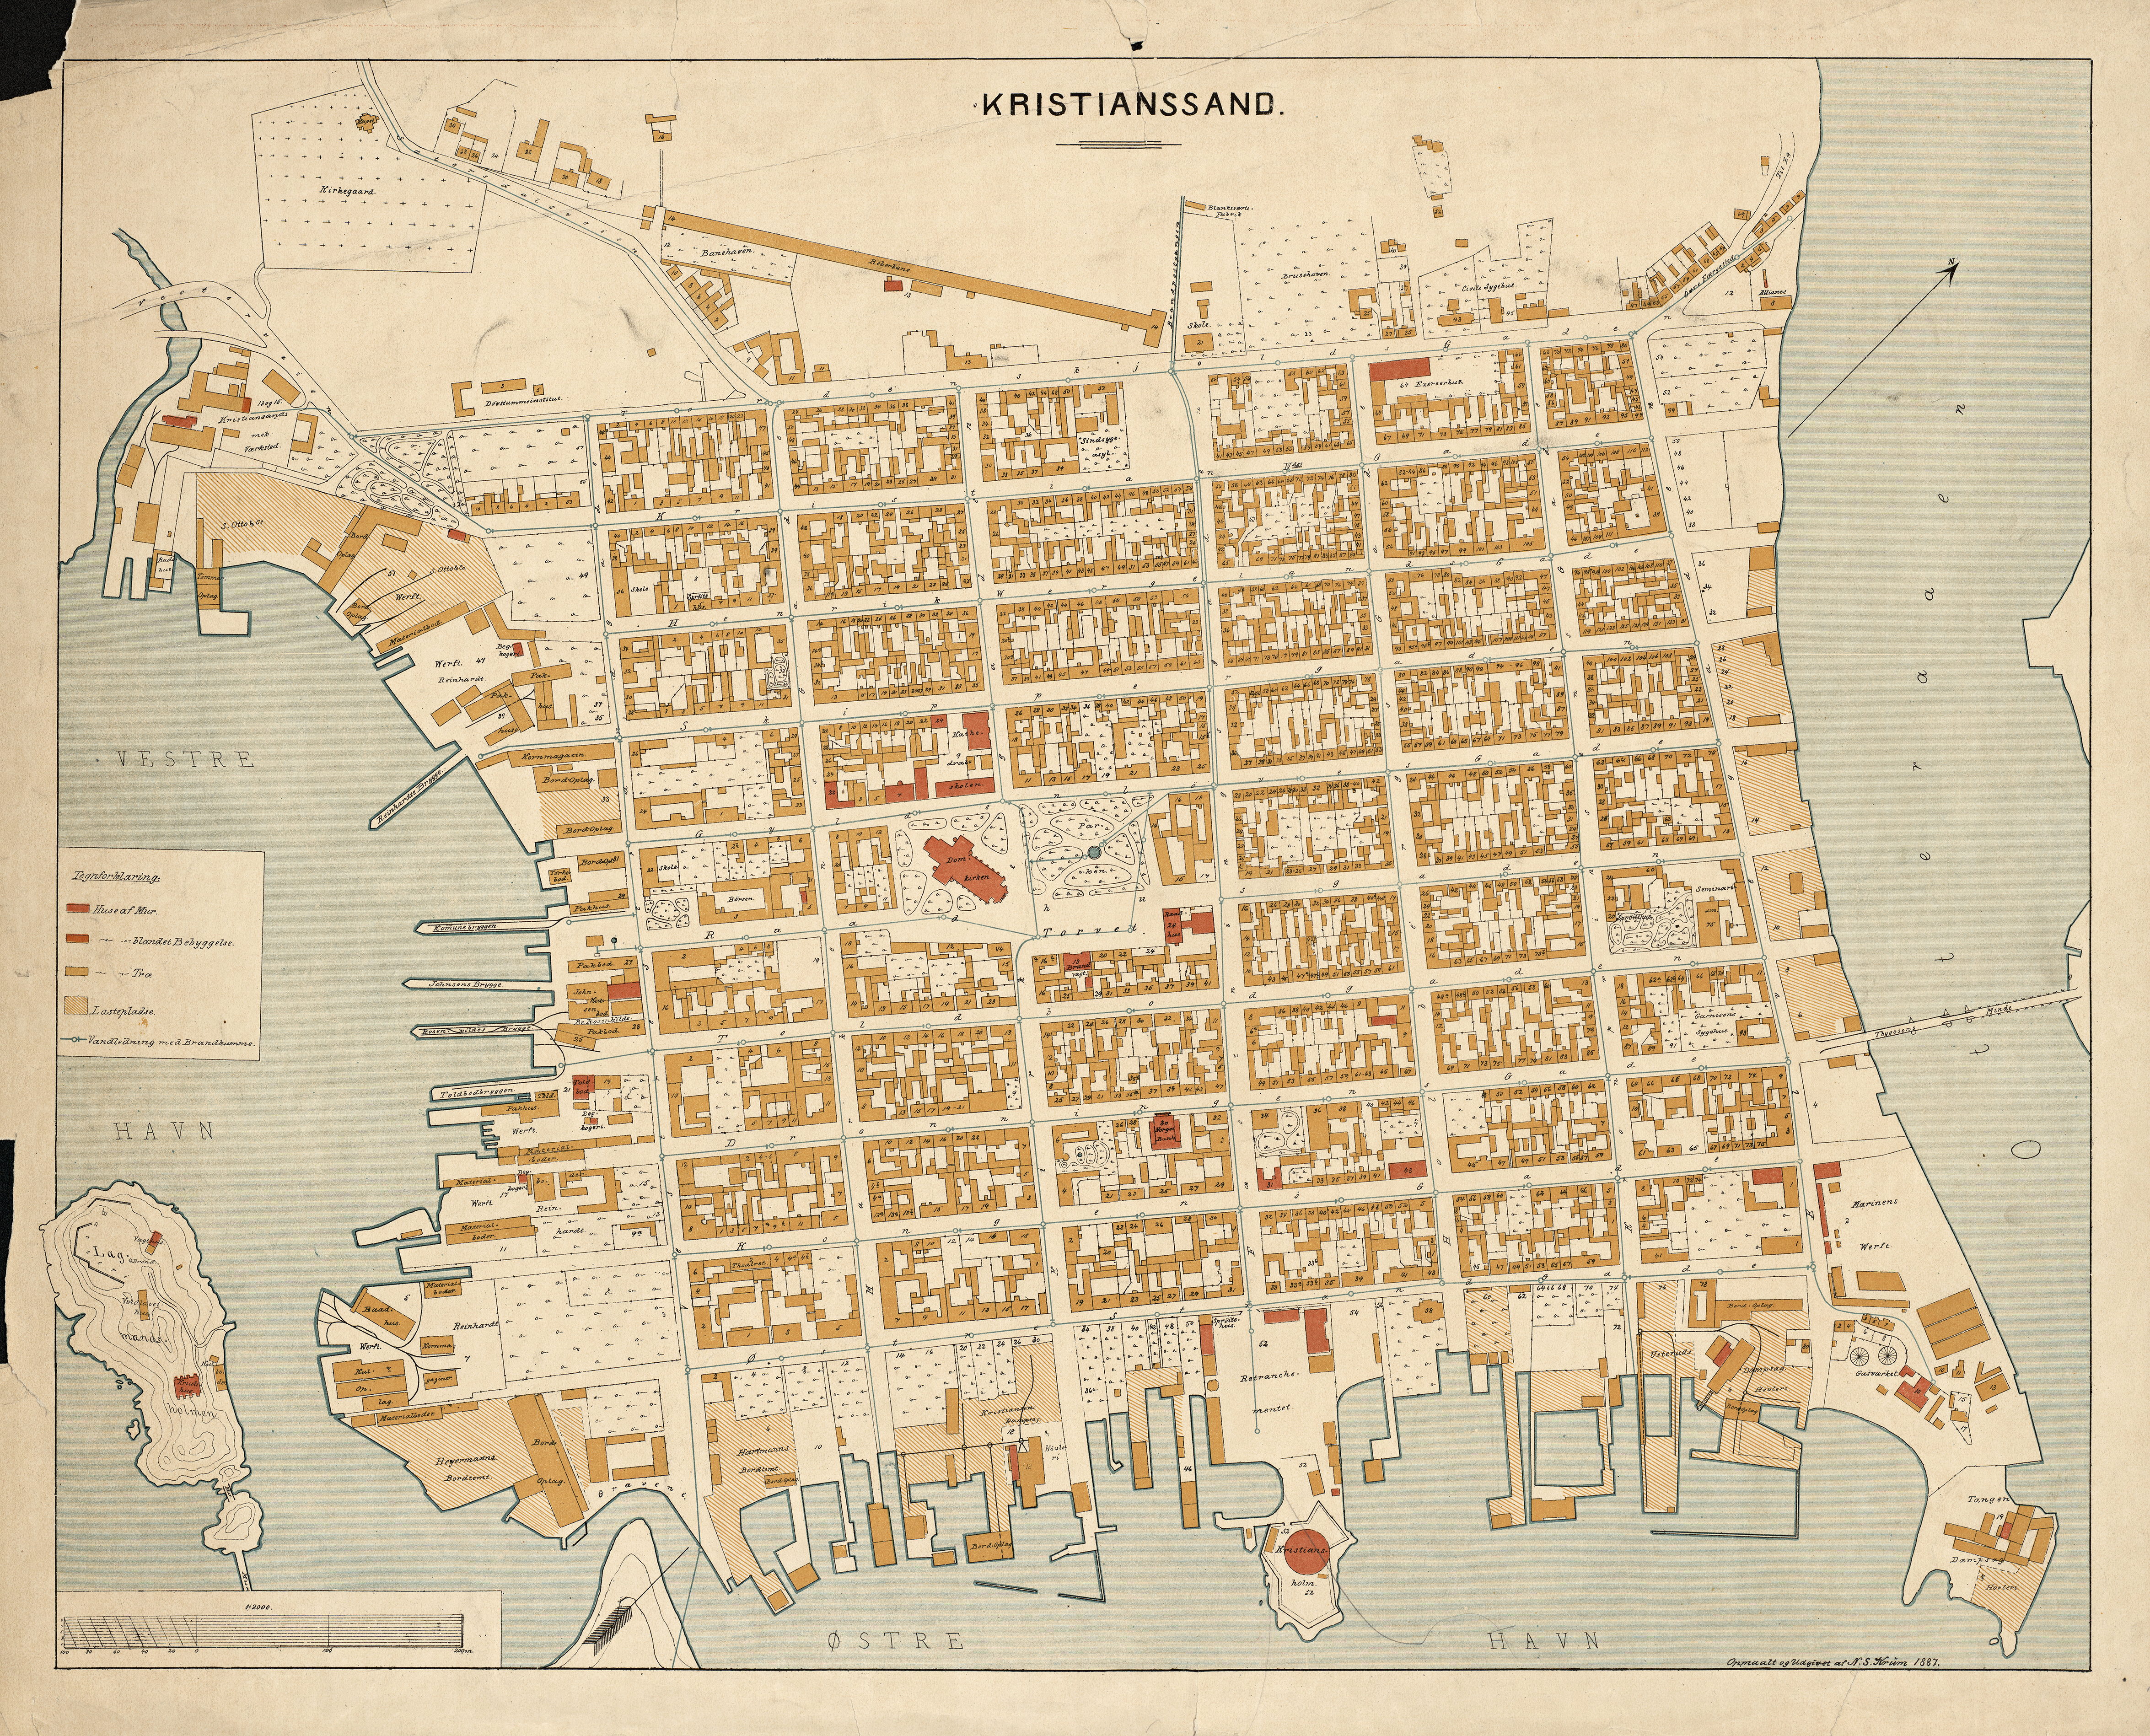 oslo kristiansand kart Fil:Kart over Kristiansand (1887). – Wikipedia oslo kristiansand kart